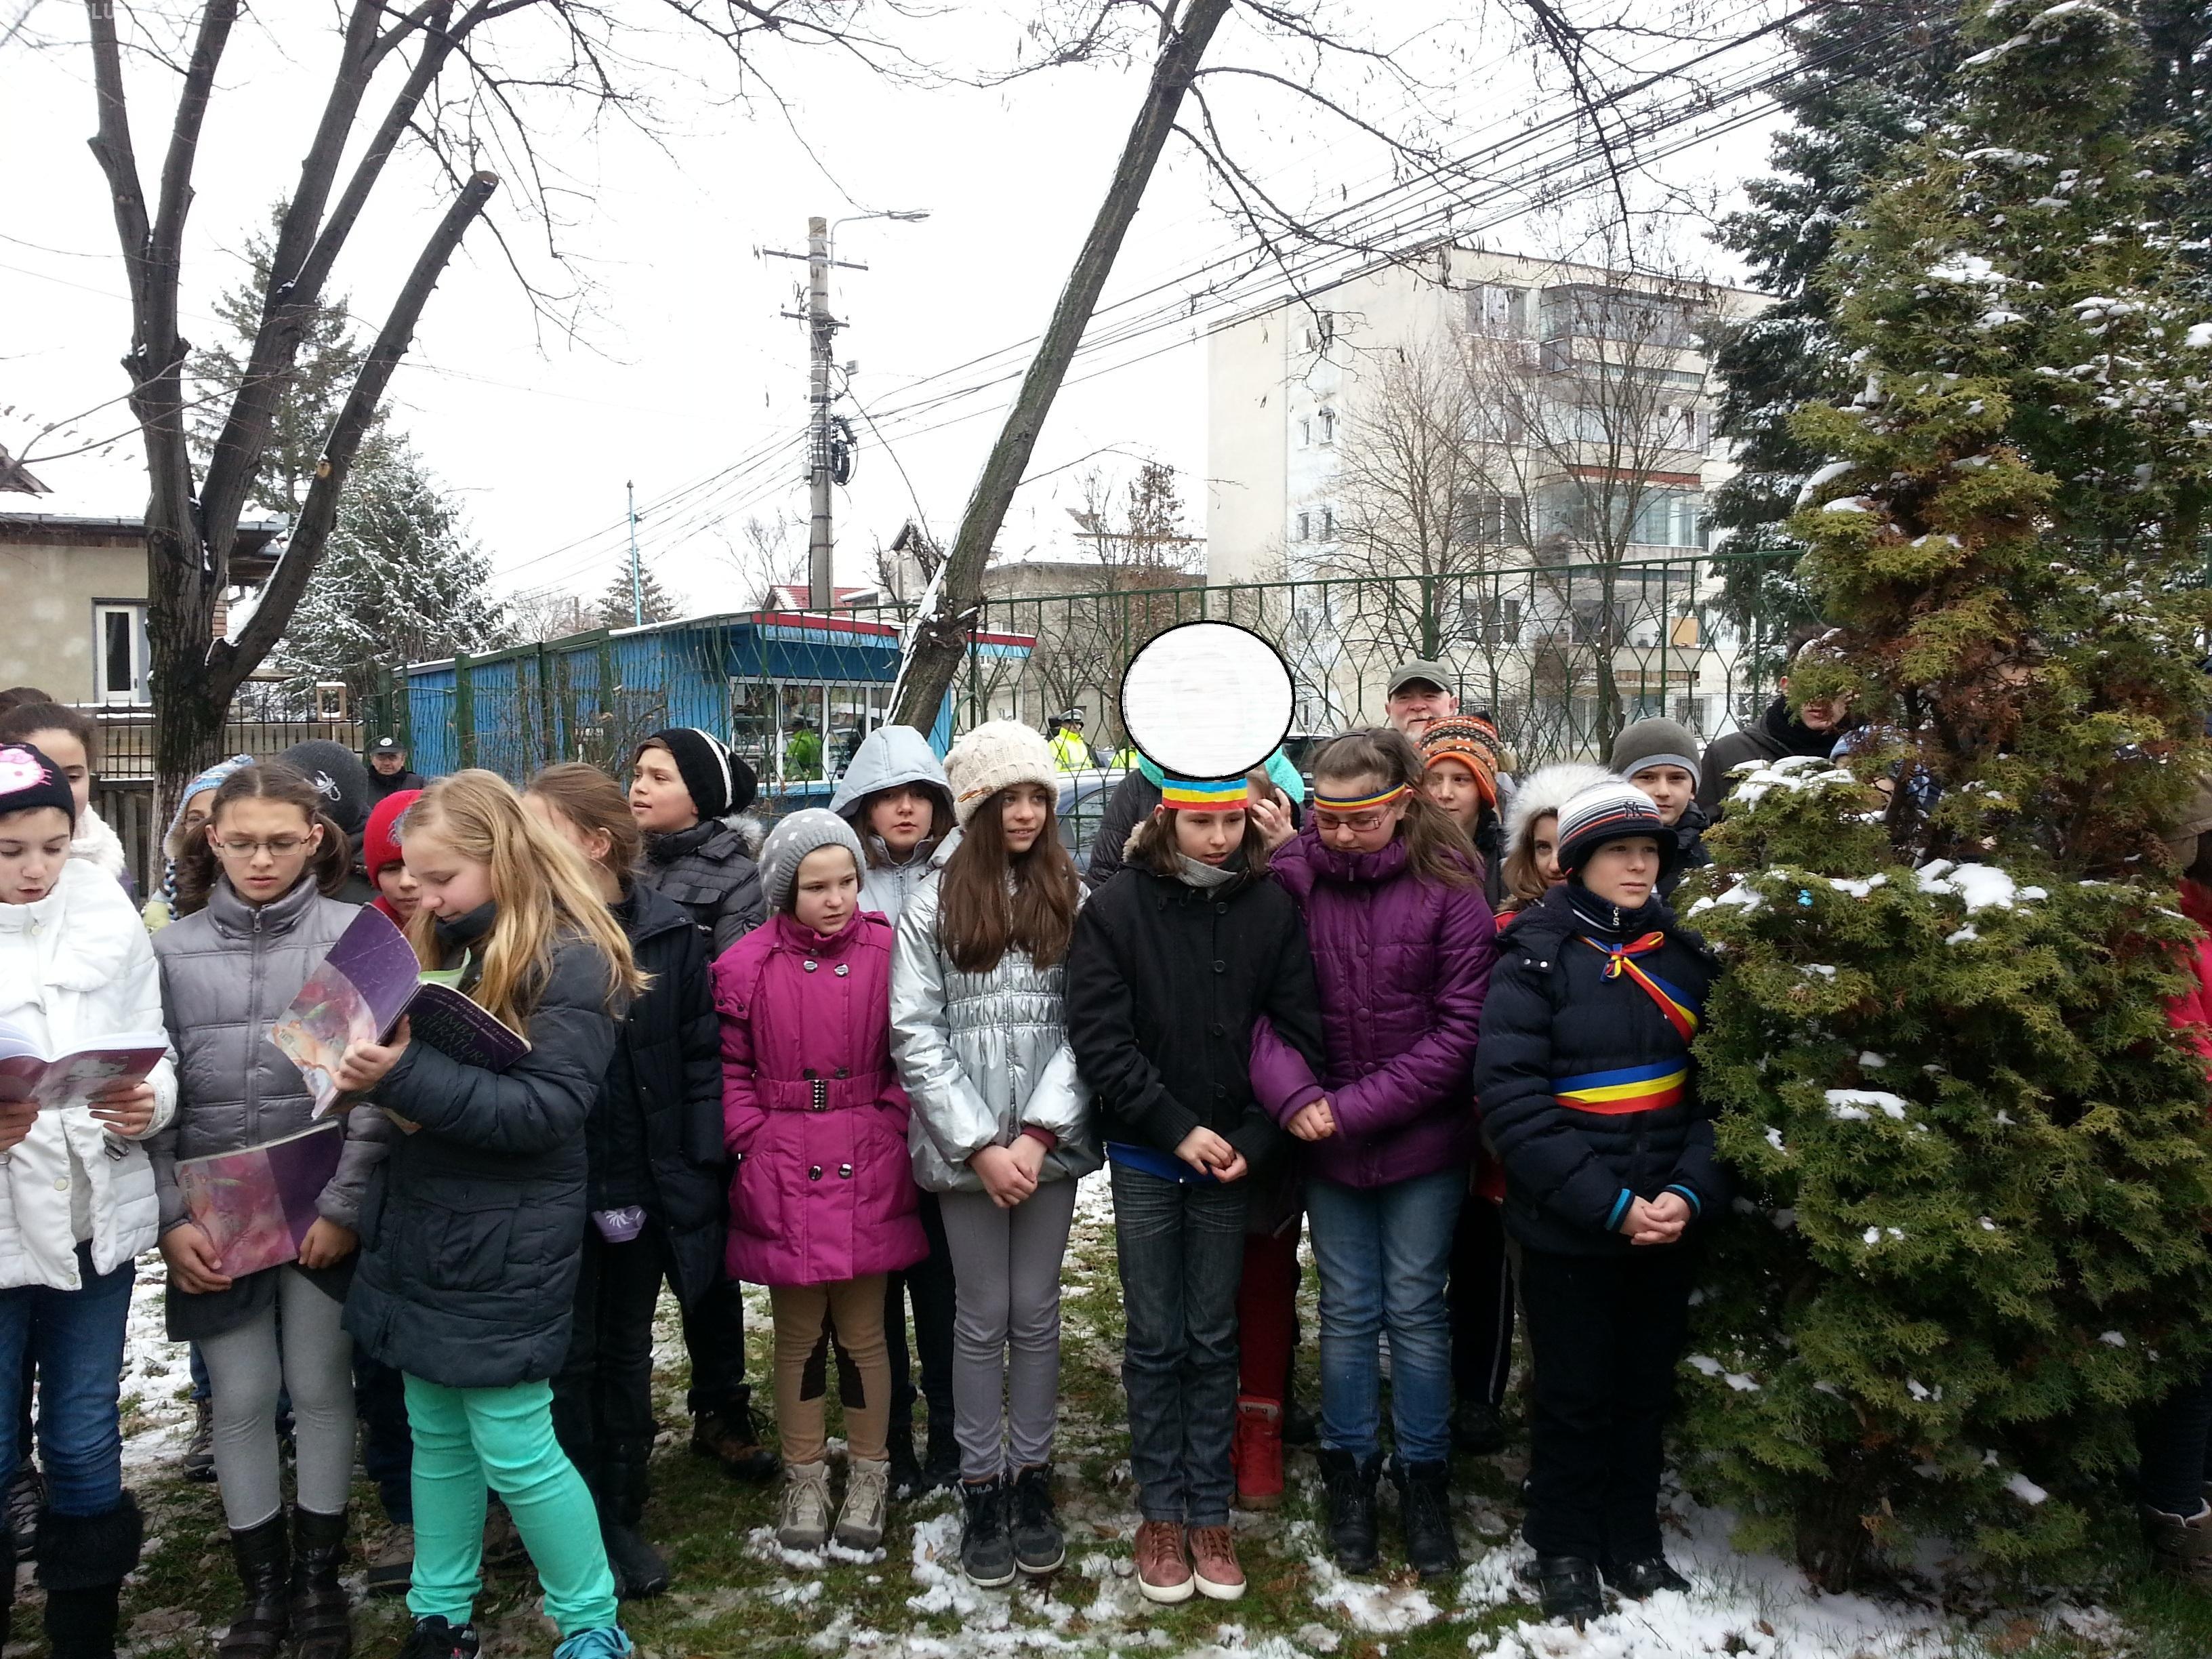 """Eleve din Cluj cu bentiță tricoloră pe cap. S-a întâmplat la Liceul """"Onisifor Ghibu"""" - FOTO"""